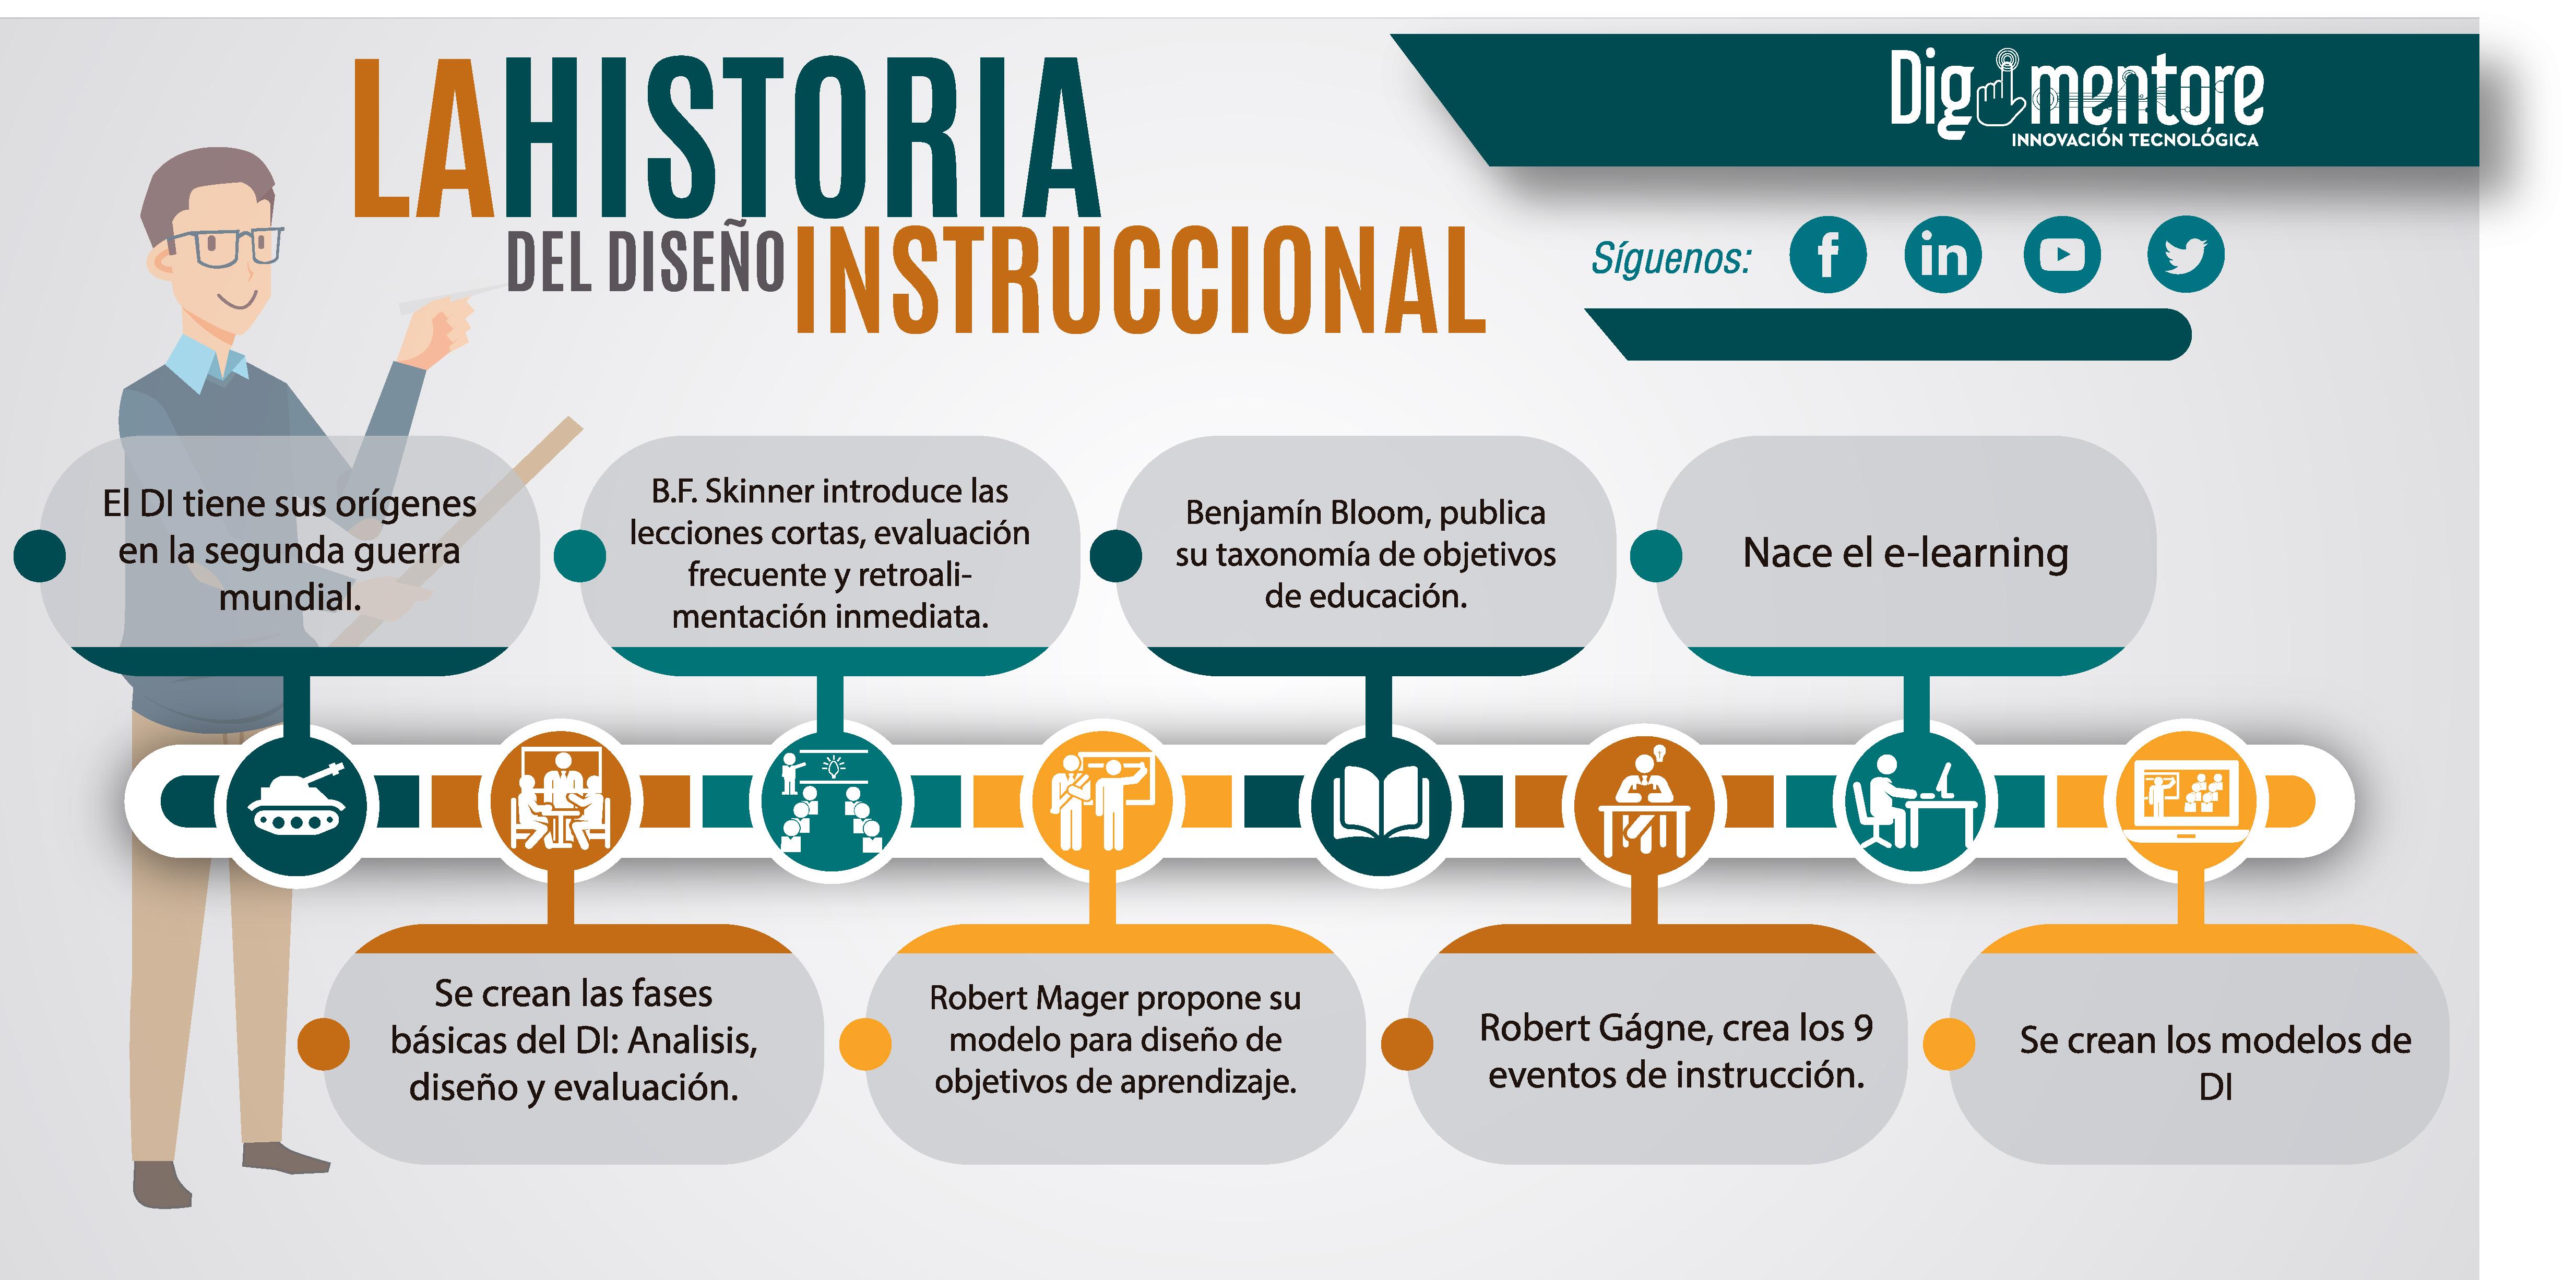 Bonito Reanudar El Diseño Instruccional Ilustración - Ejemplo De ...